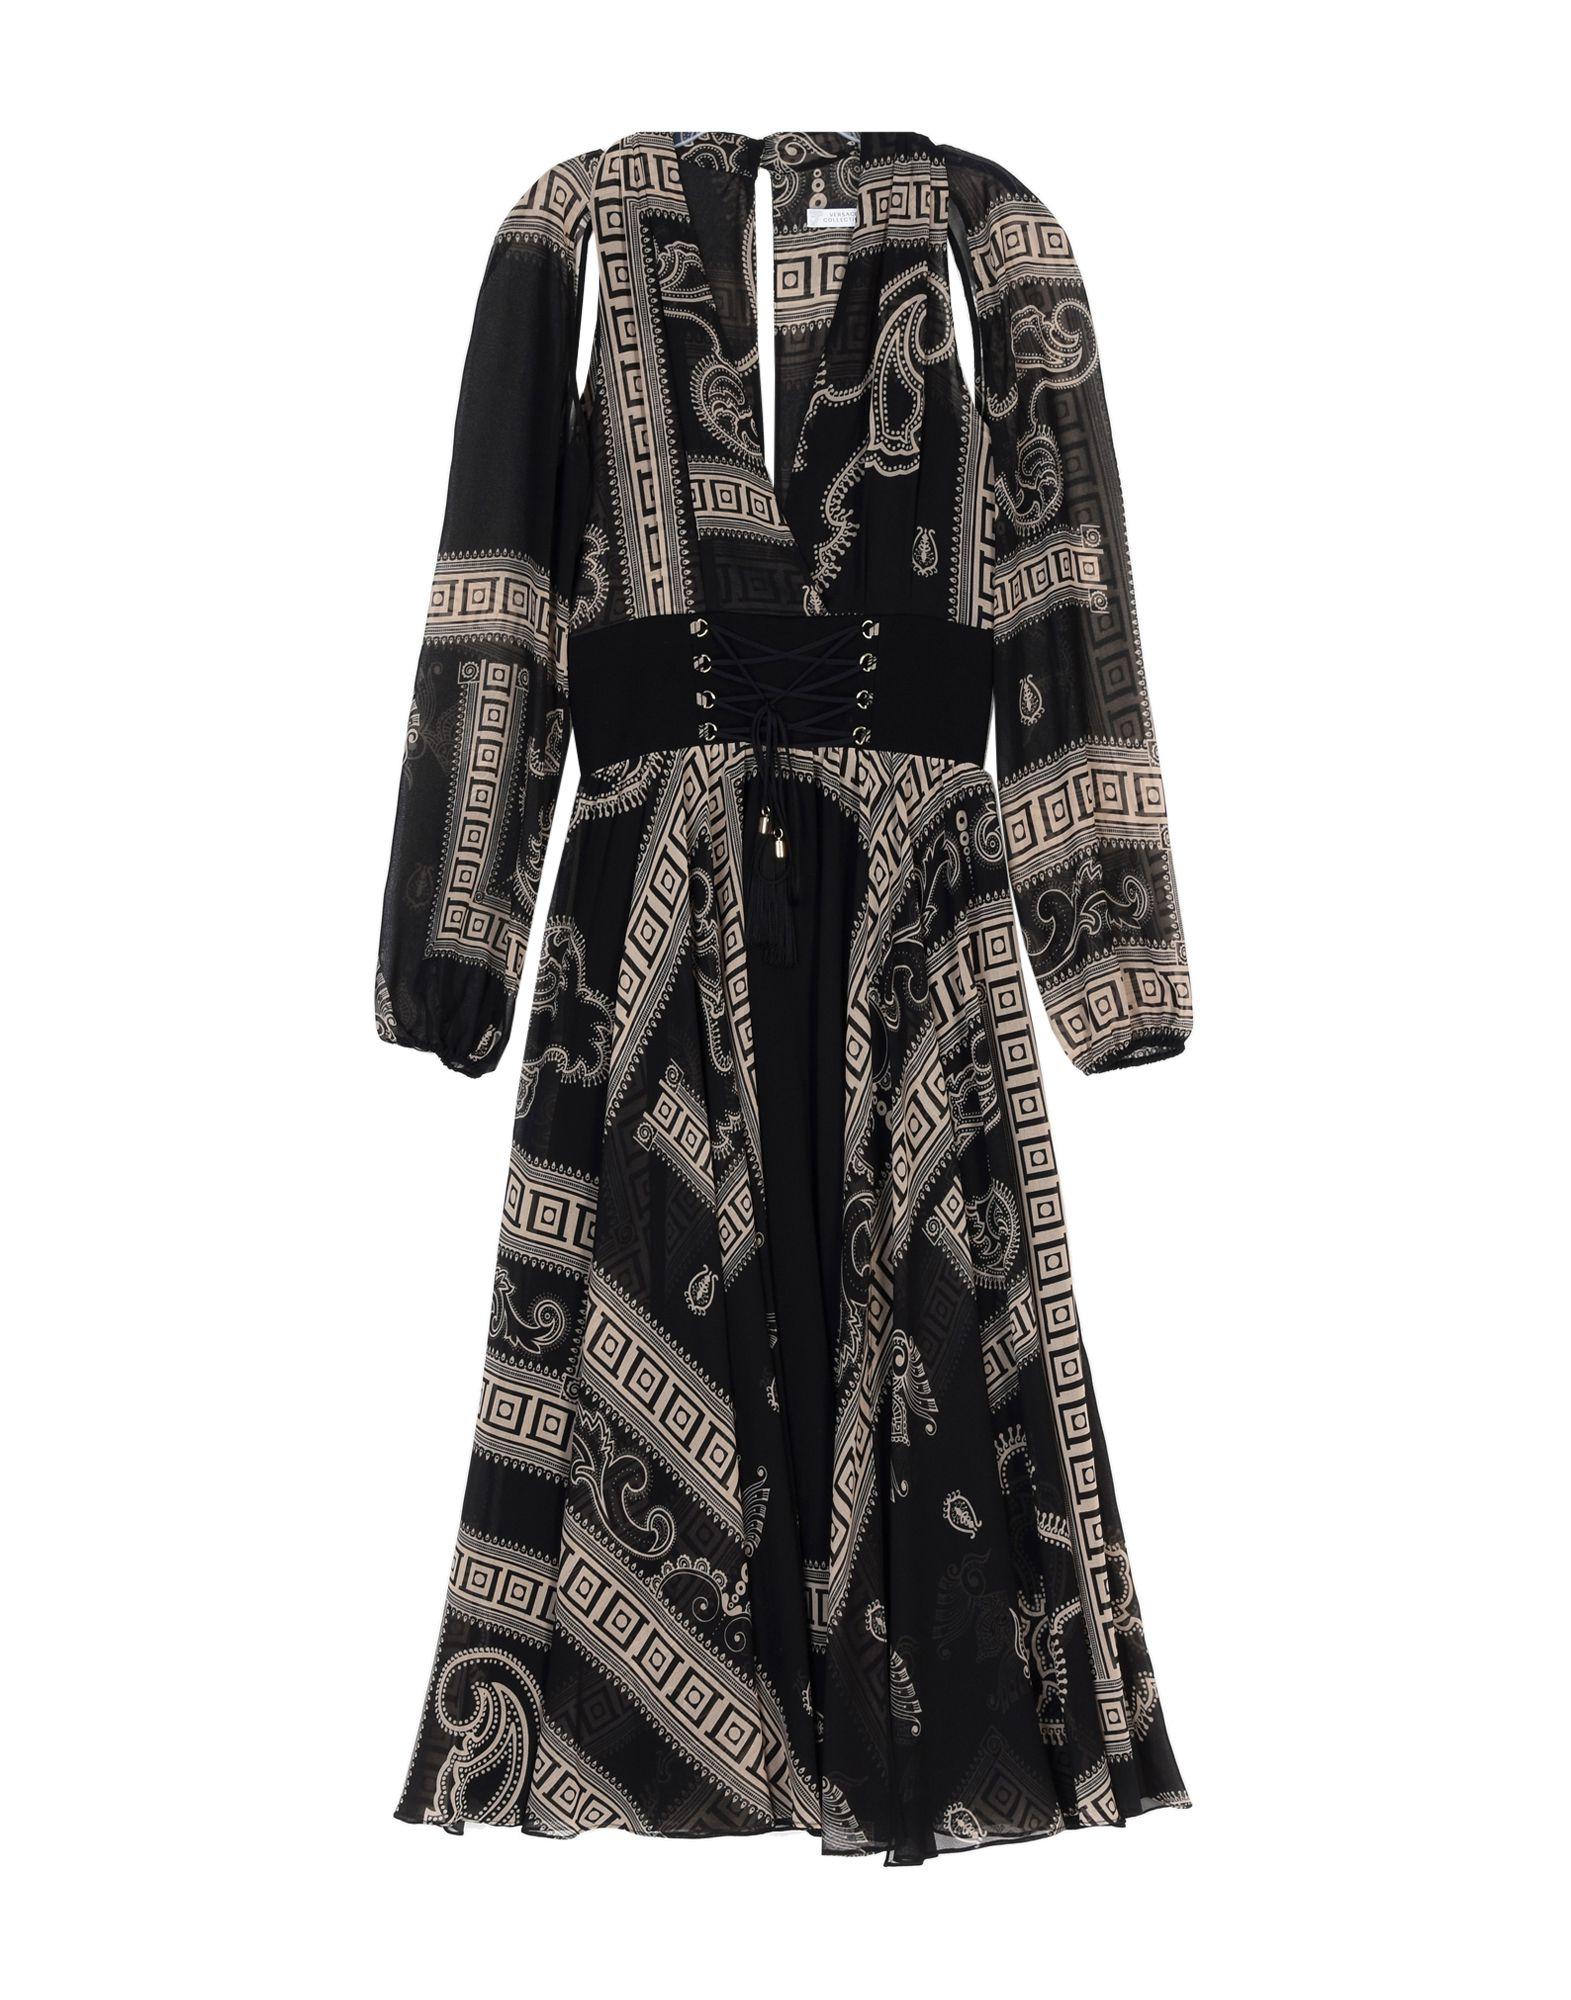 VERSACE COLLECTION Платье длиной 3/4 платье pettli collection pettli collection pe034ewkqe31